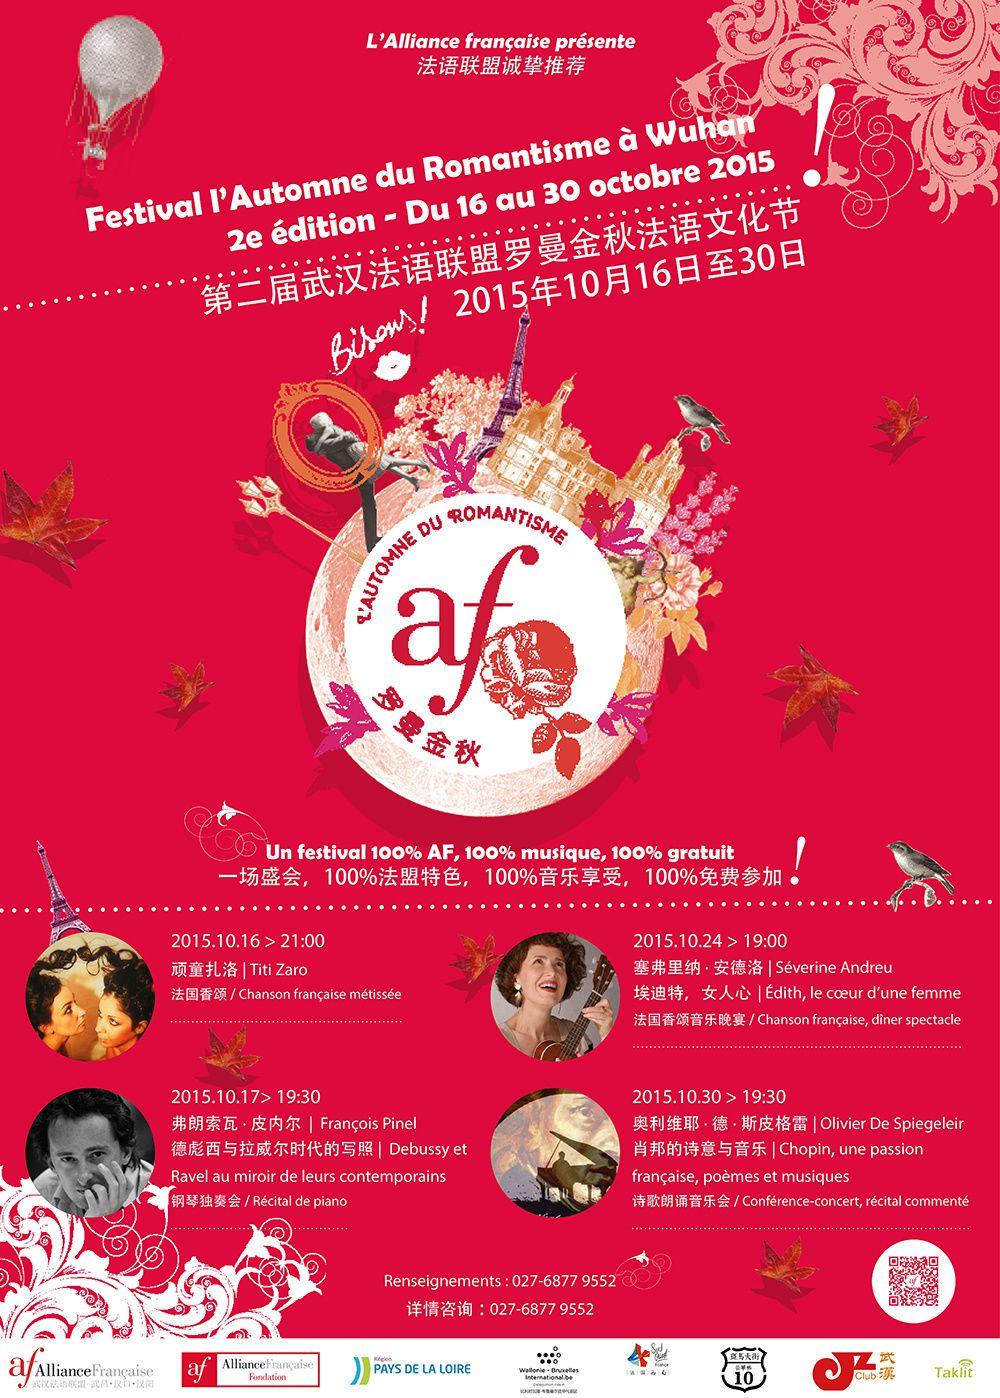 Grand succès pour la 2de édition du Festival &quot&#x3B;L'Automne du Romantisme&quot&#x3B; à Wuhan !